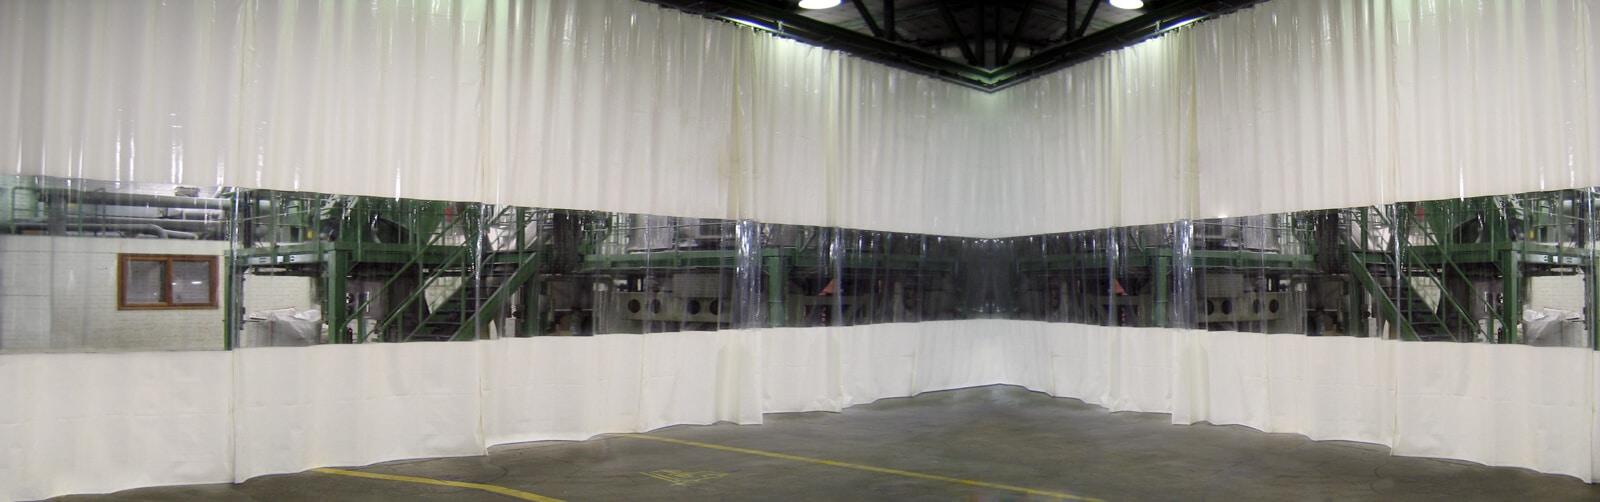 Przepierzenie z plandeki w hali przemysłowej